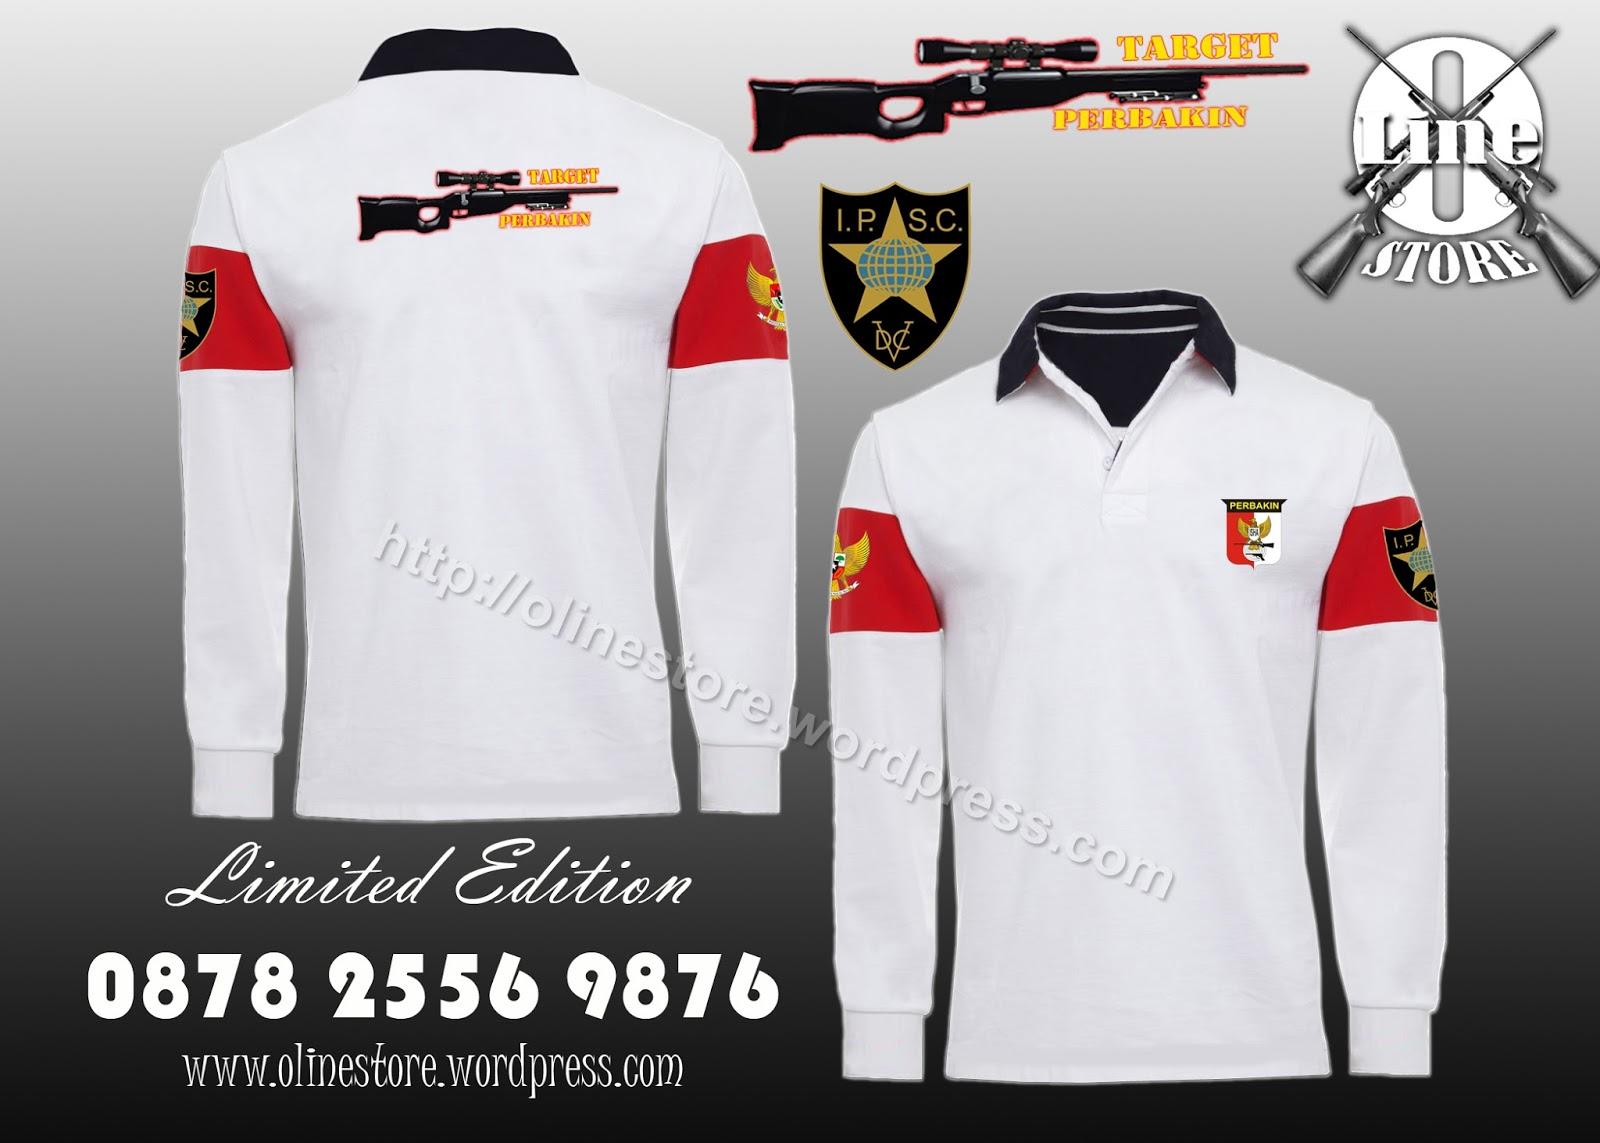 Contoh desain t shirt kelas - Contoh Desain T Shirt Kelas 3